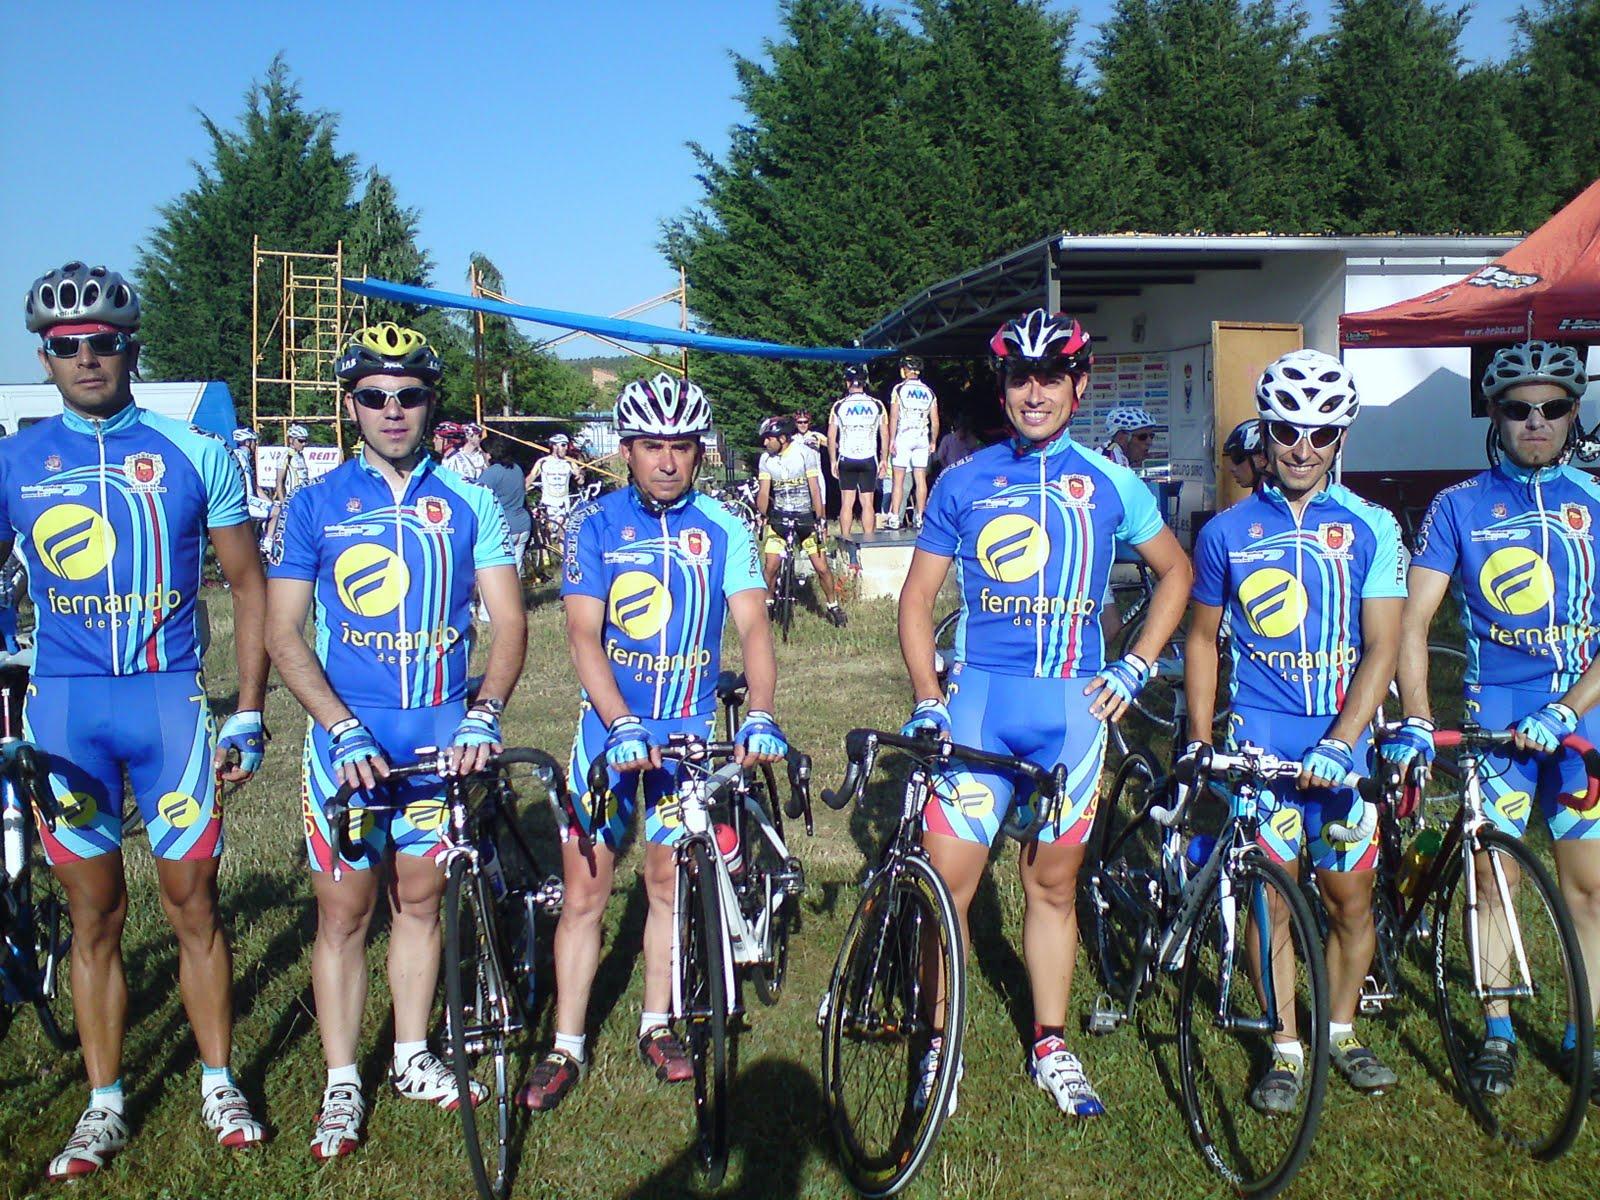 Download Images Of Bultos De Ciclistas Y Corredores En Lycra Download